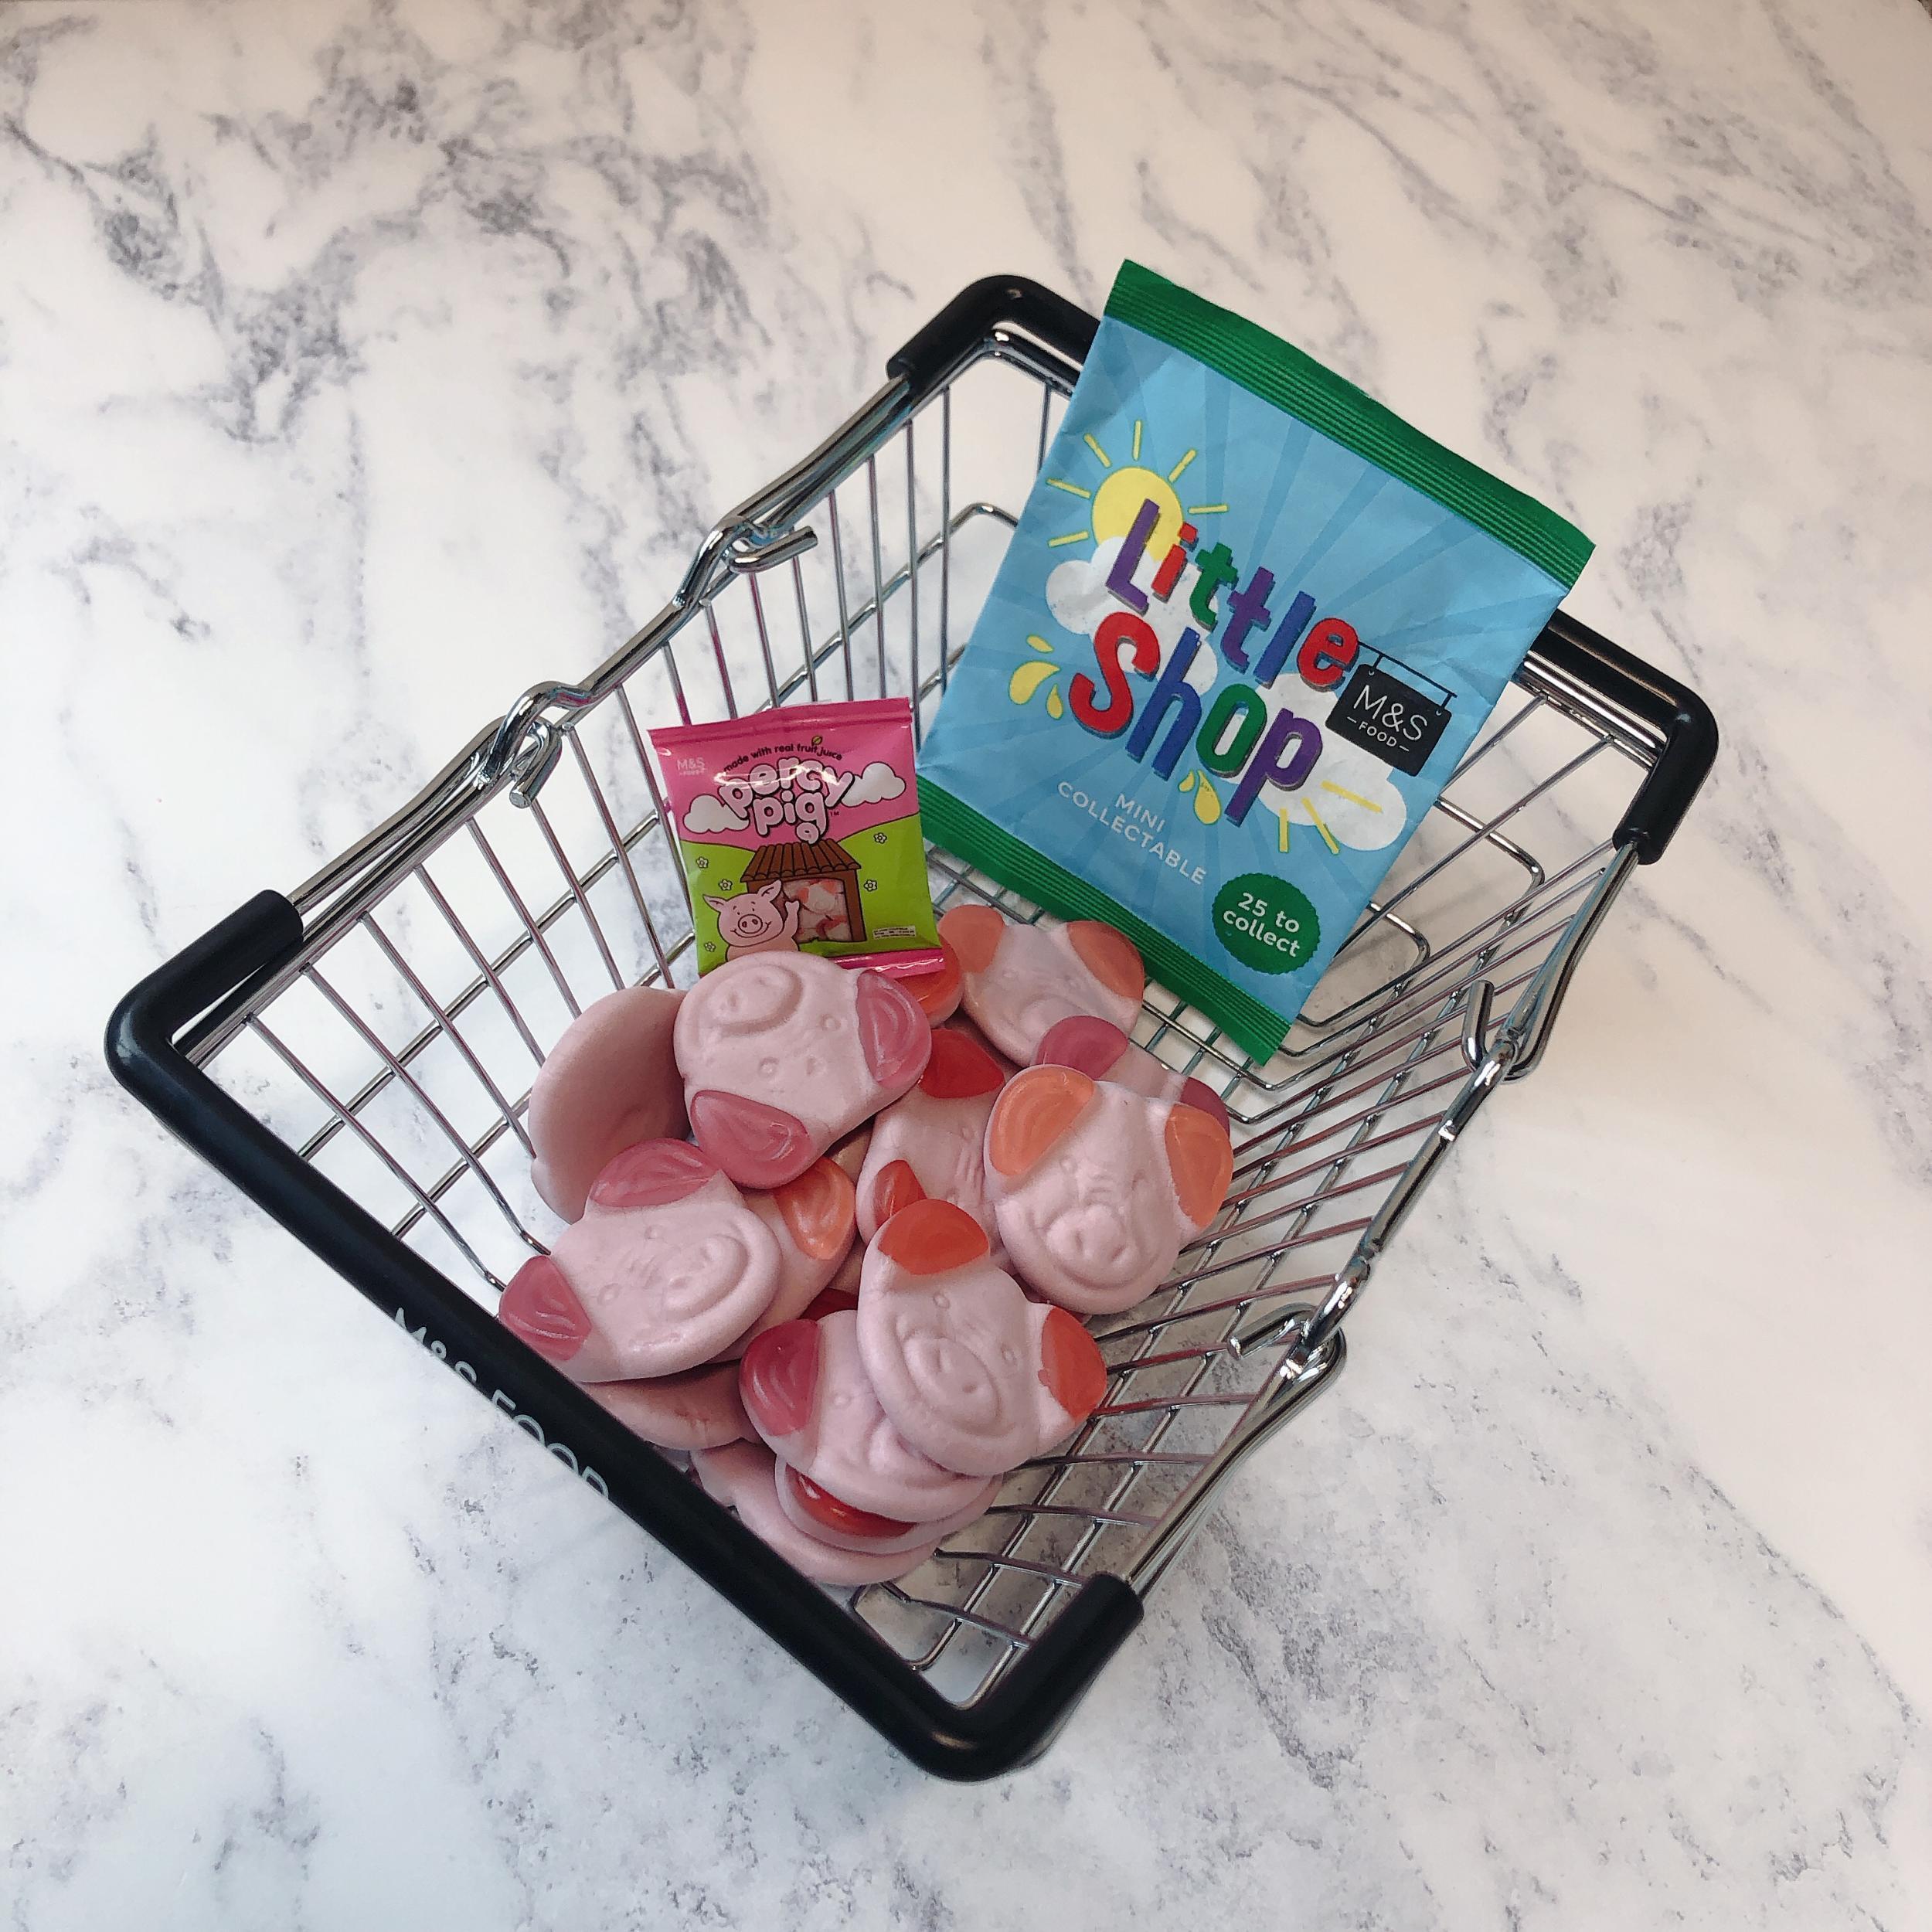 M&S Little Shop collectables